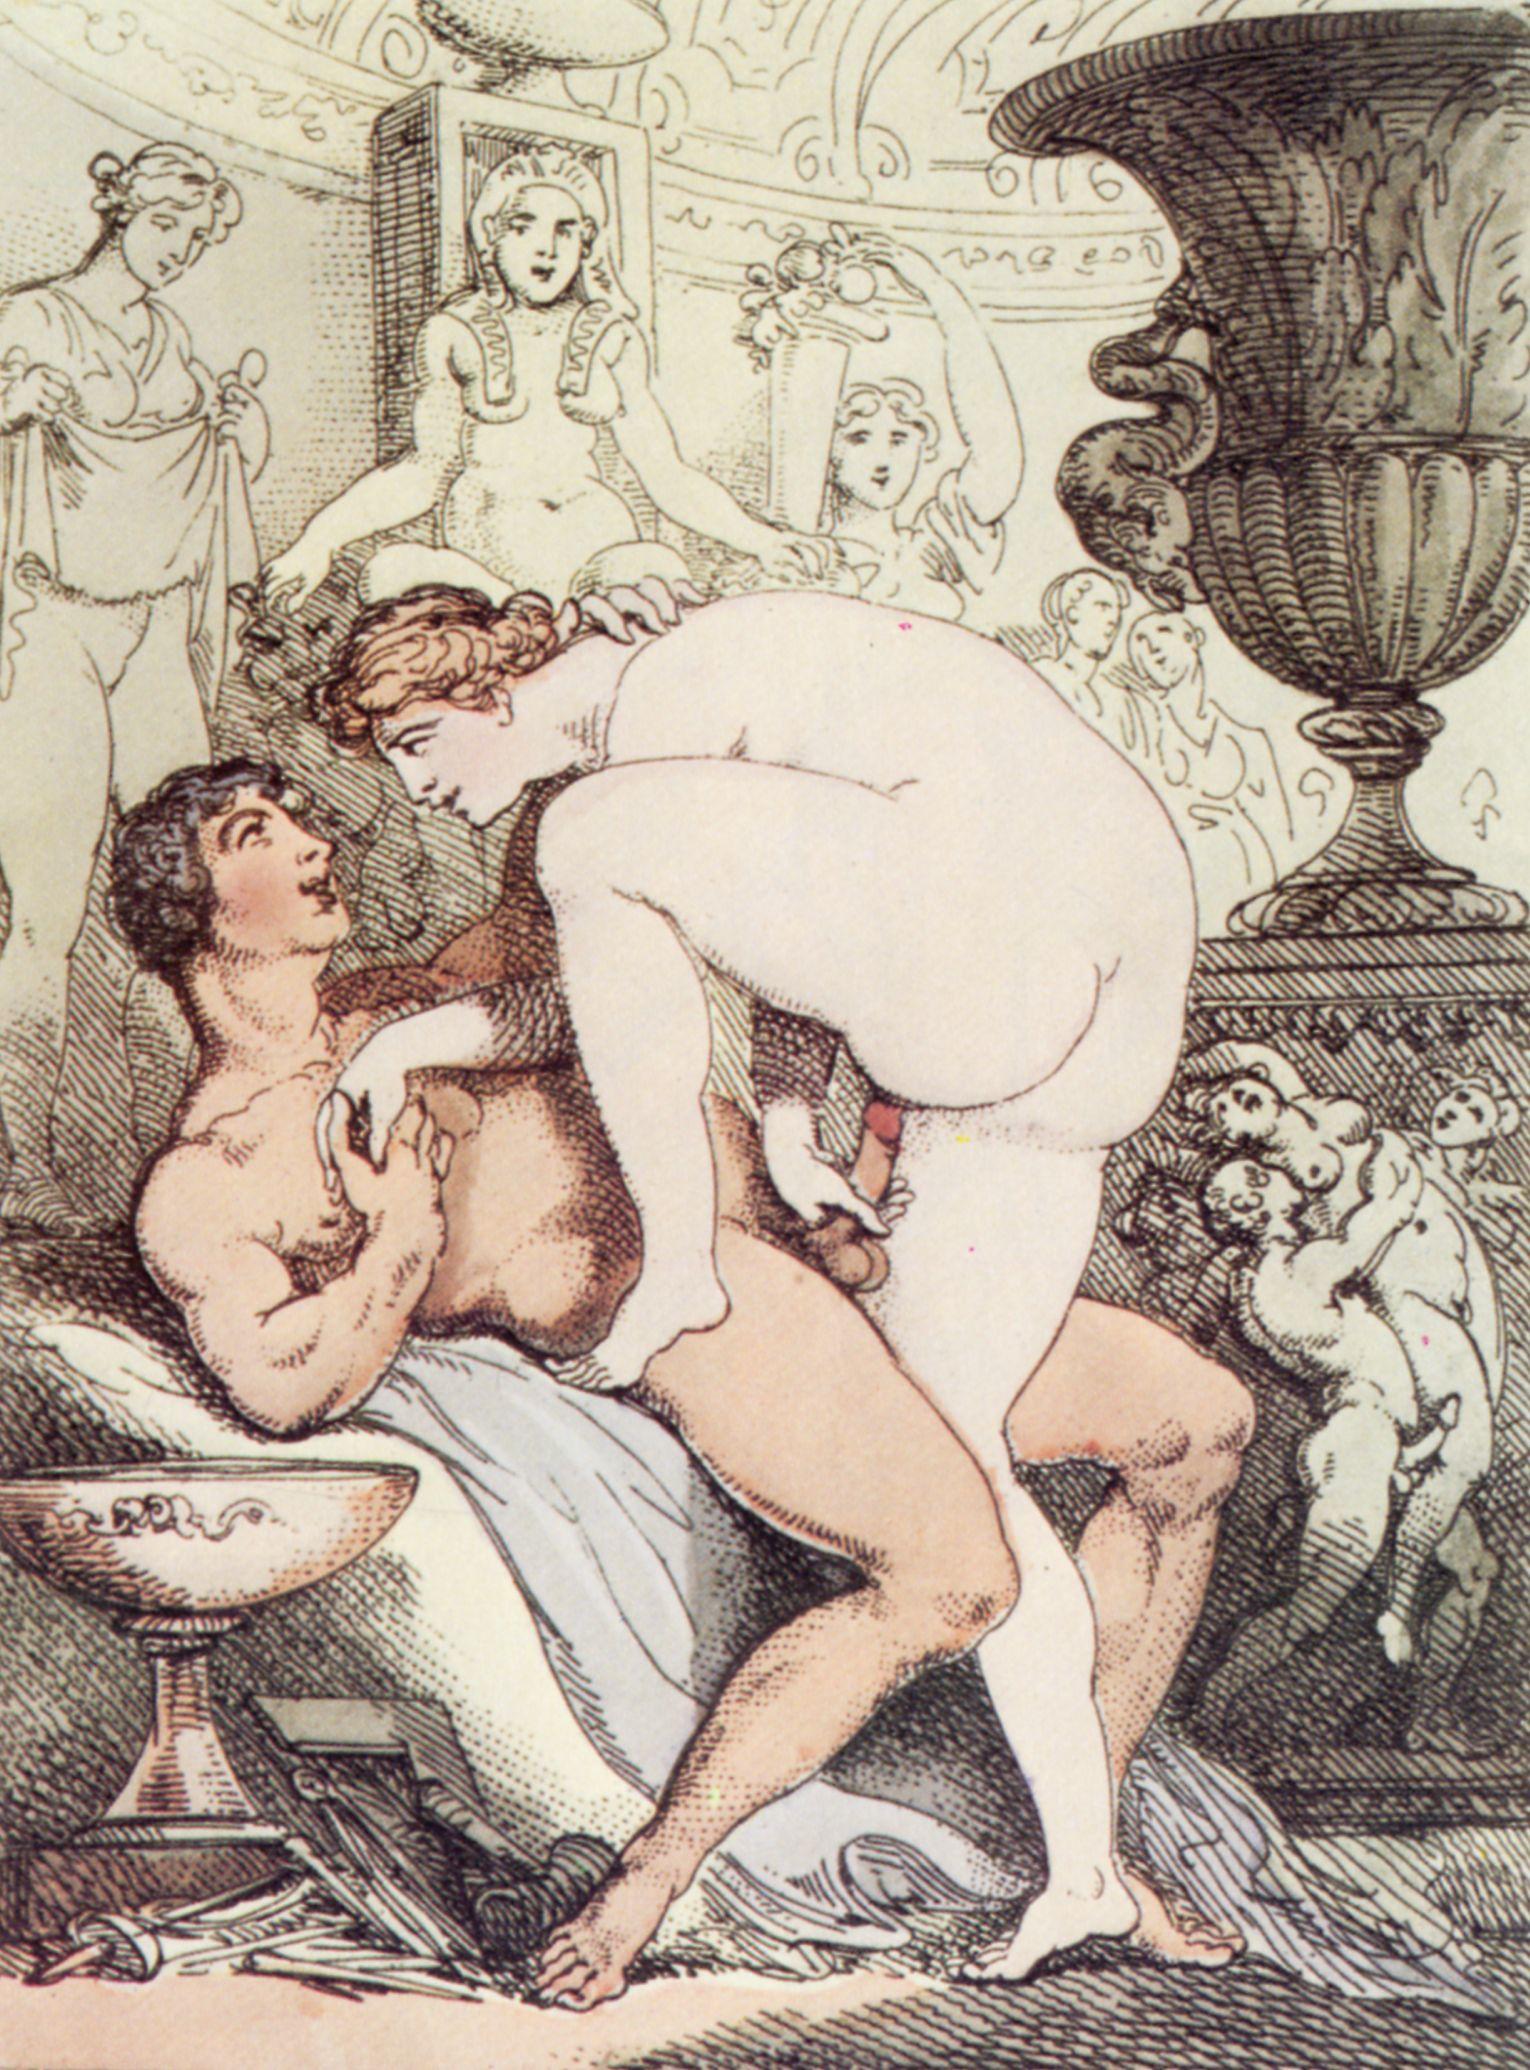 Средневековье смотреть порно онлайн 14 фотография